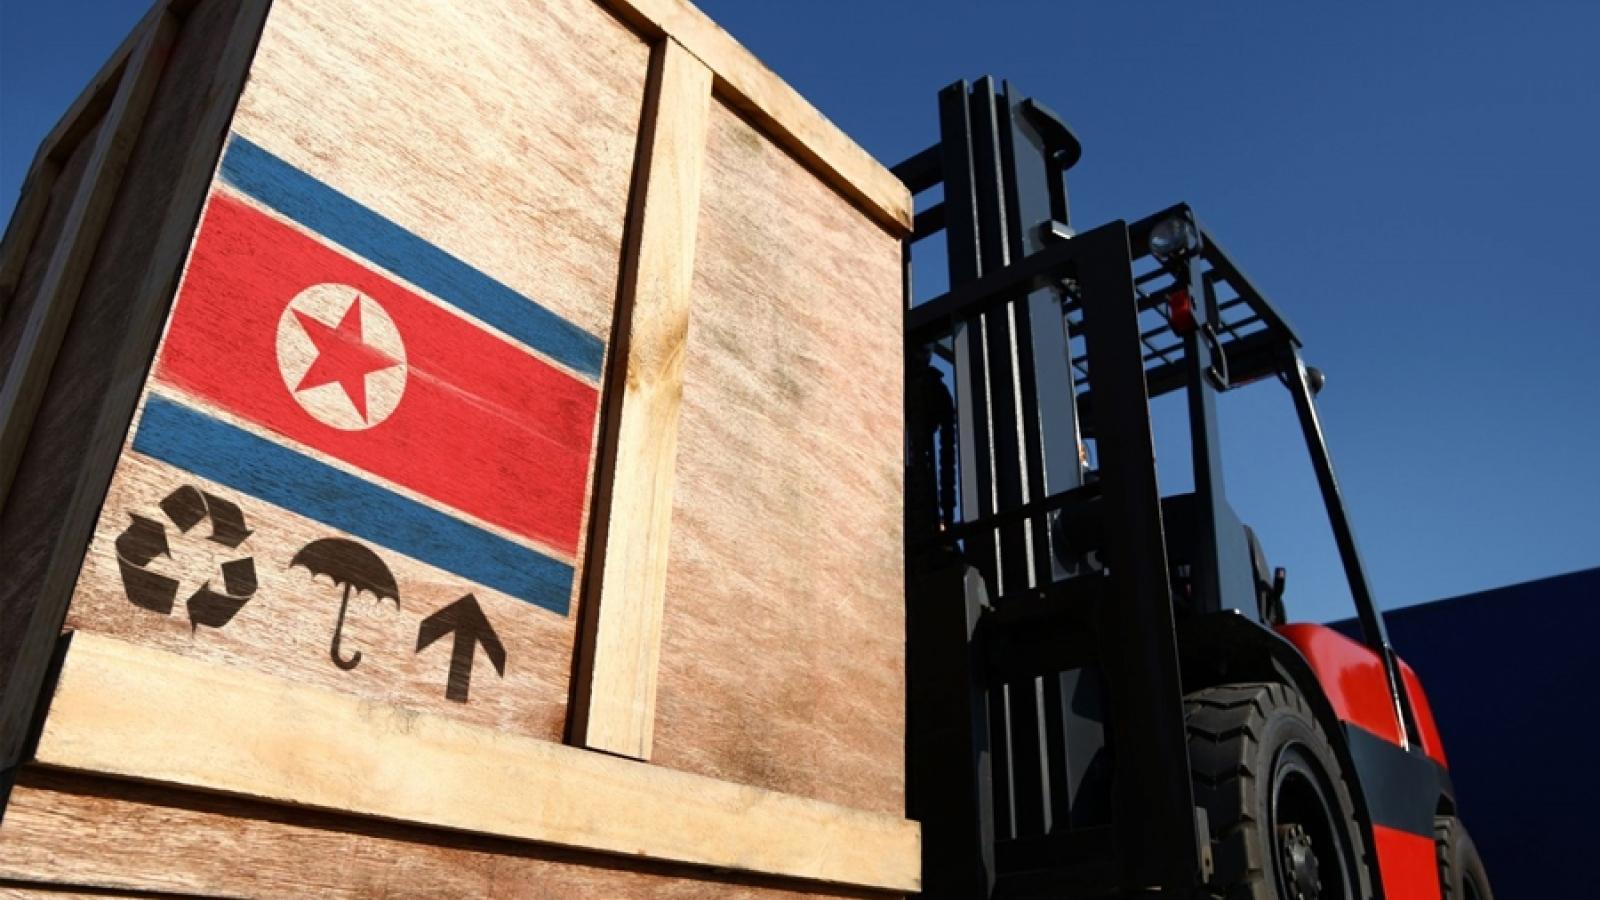 Áp lực lên Triều Tiên khi đóng cửa biên giới với Trung Quốc do Covid-19